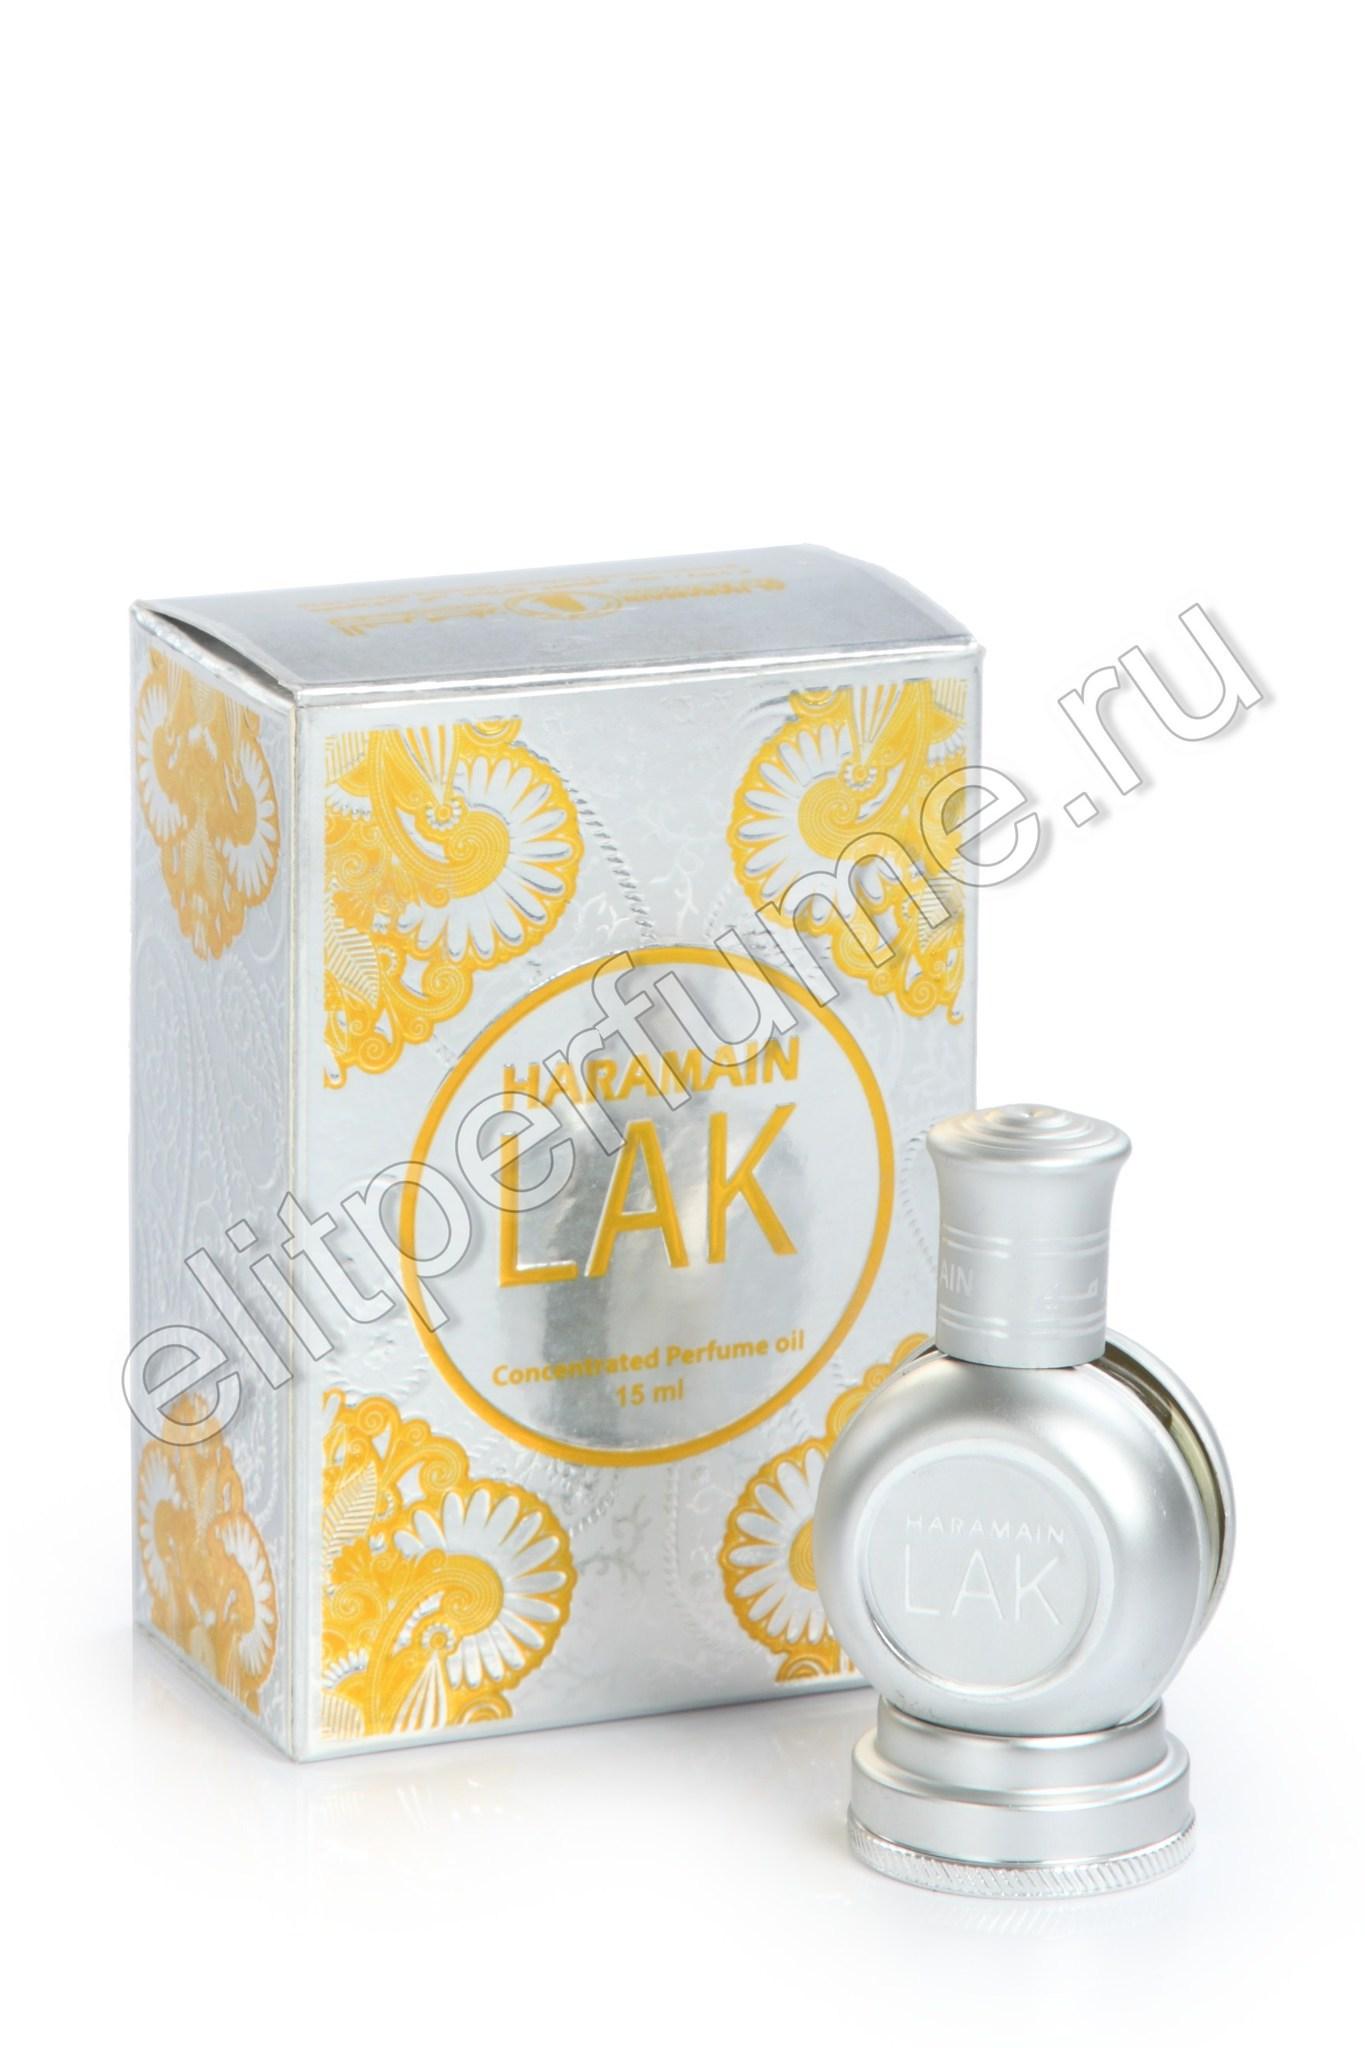 Пробники для духов Haramain Lak Харамайн Лакк 1 мл арабские масляные духи от Аль Харамайн Al Haramin Perfumes